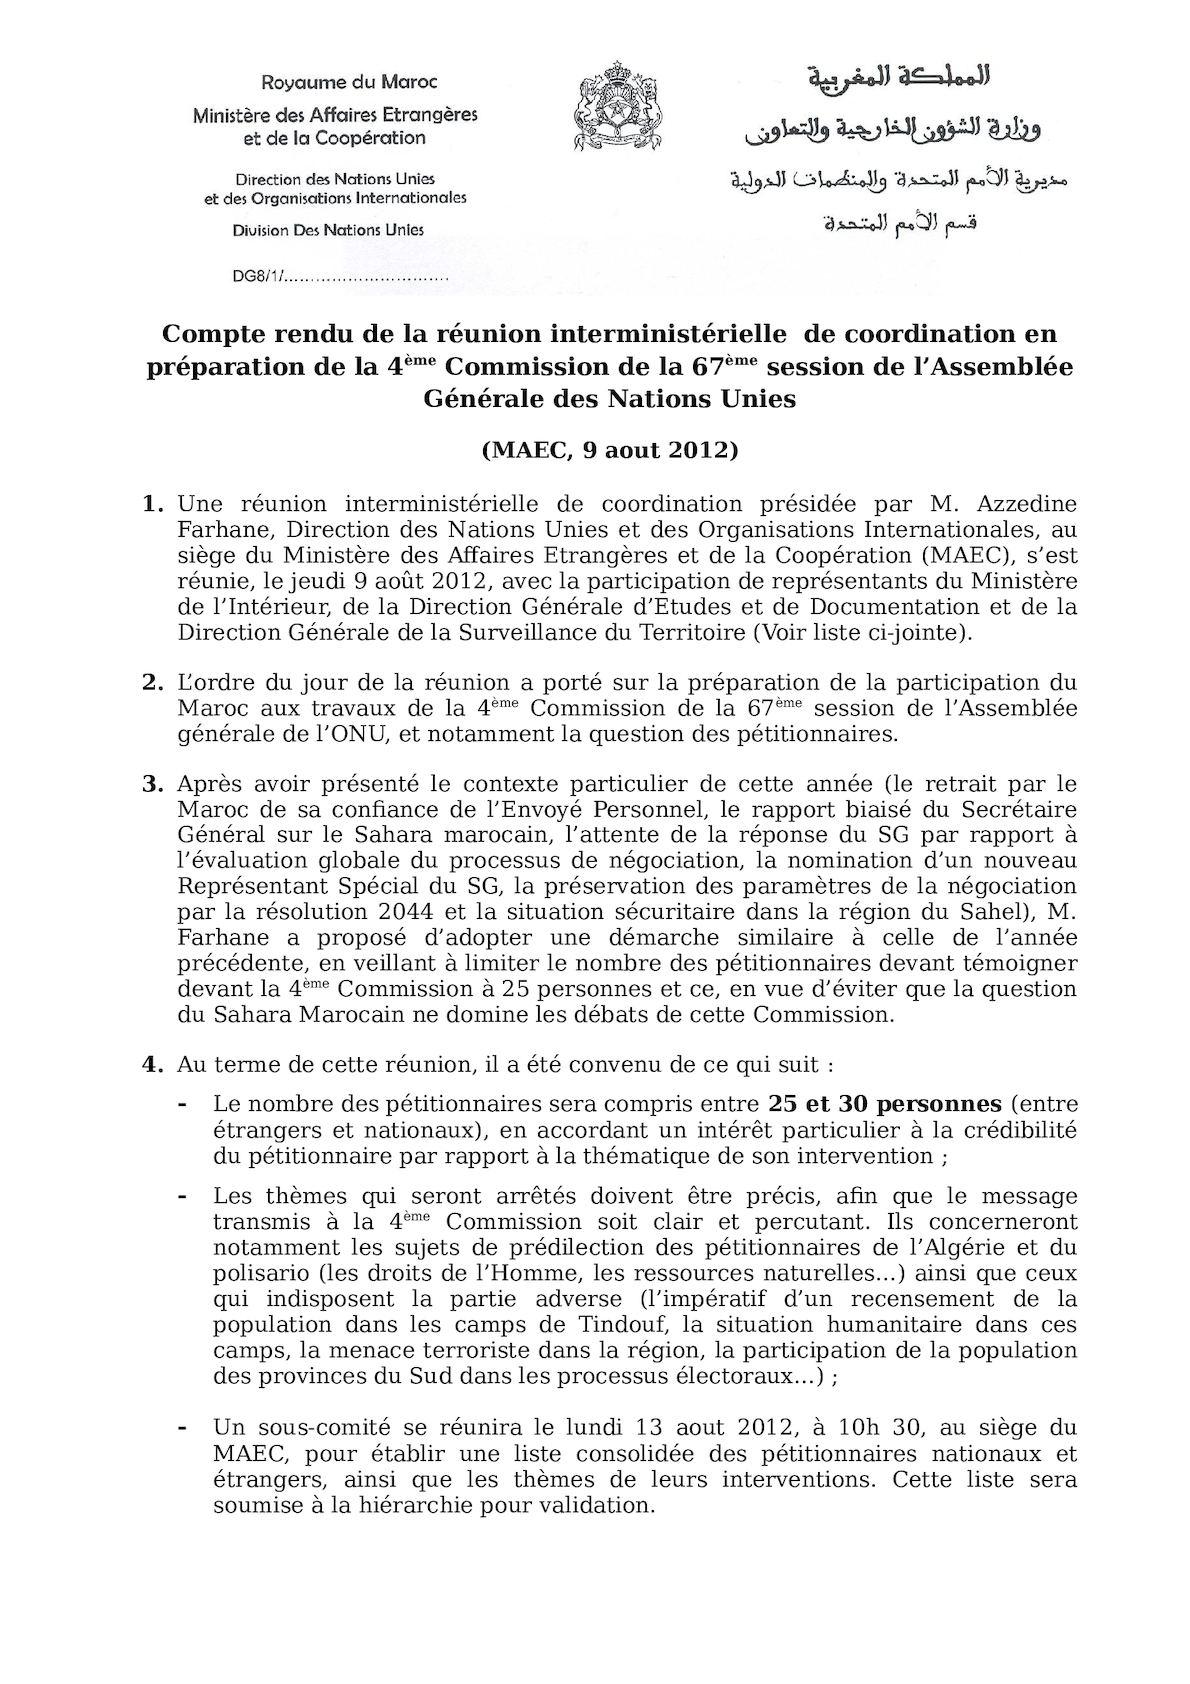 Compte Rendu Réunion Interministérielle Du 9 Aout 2012